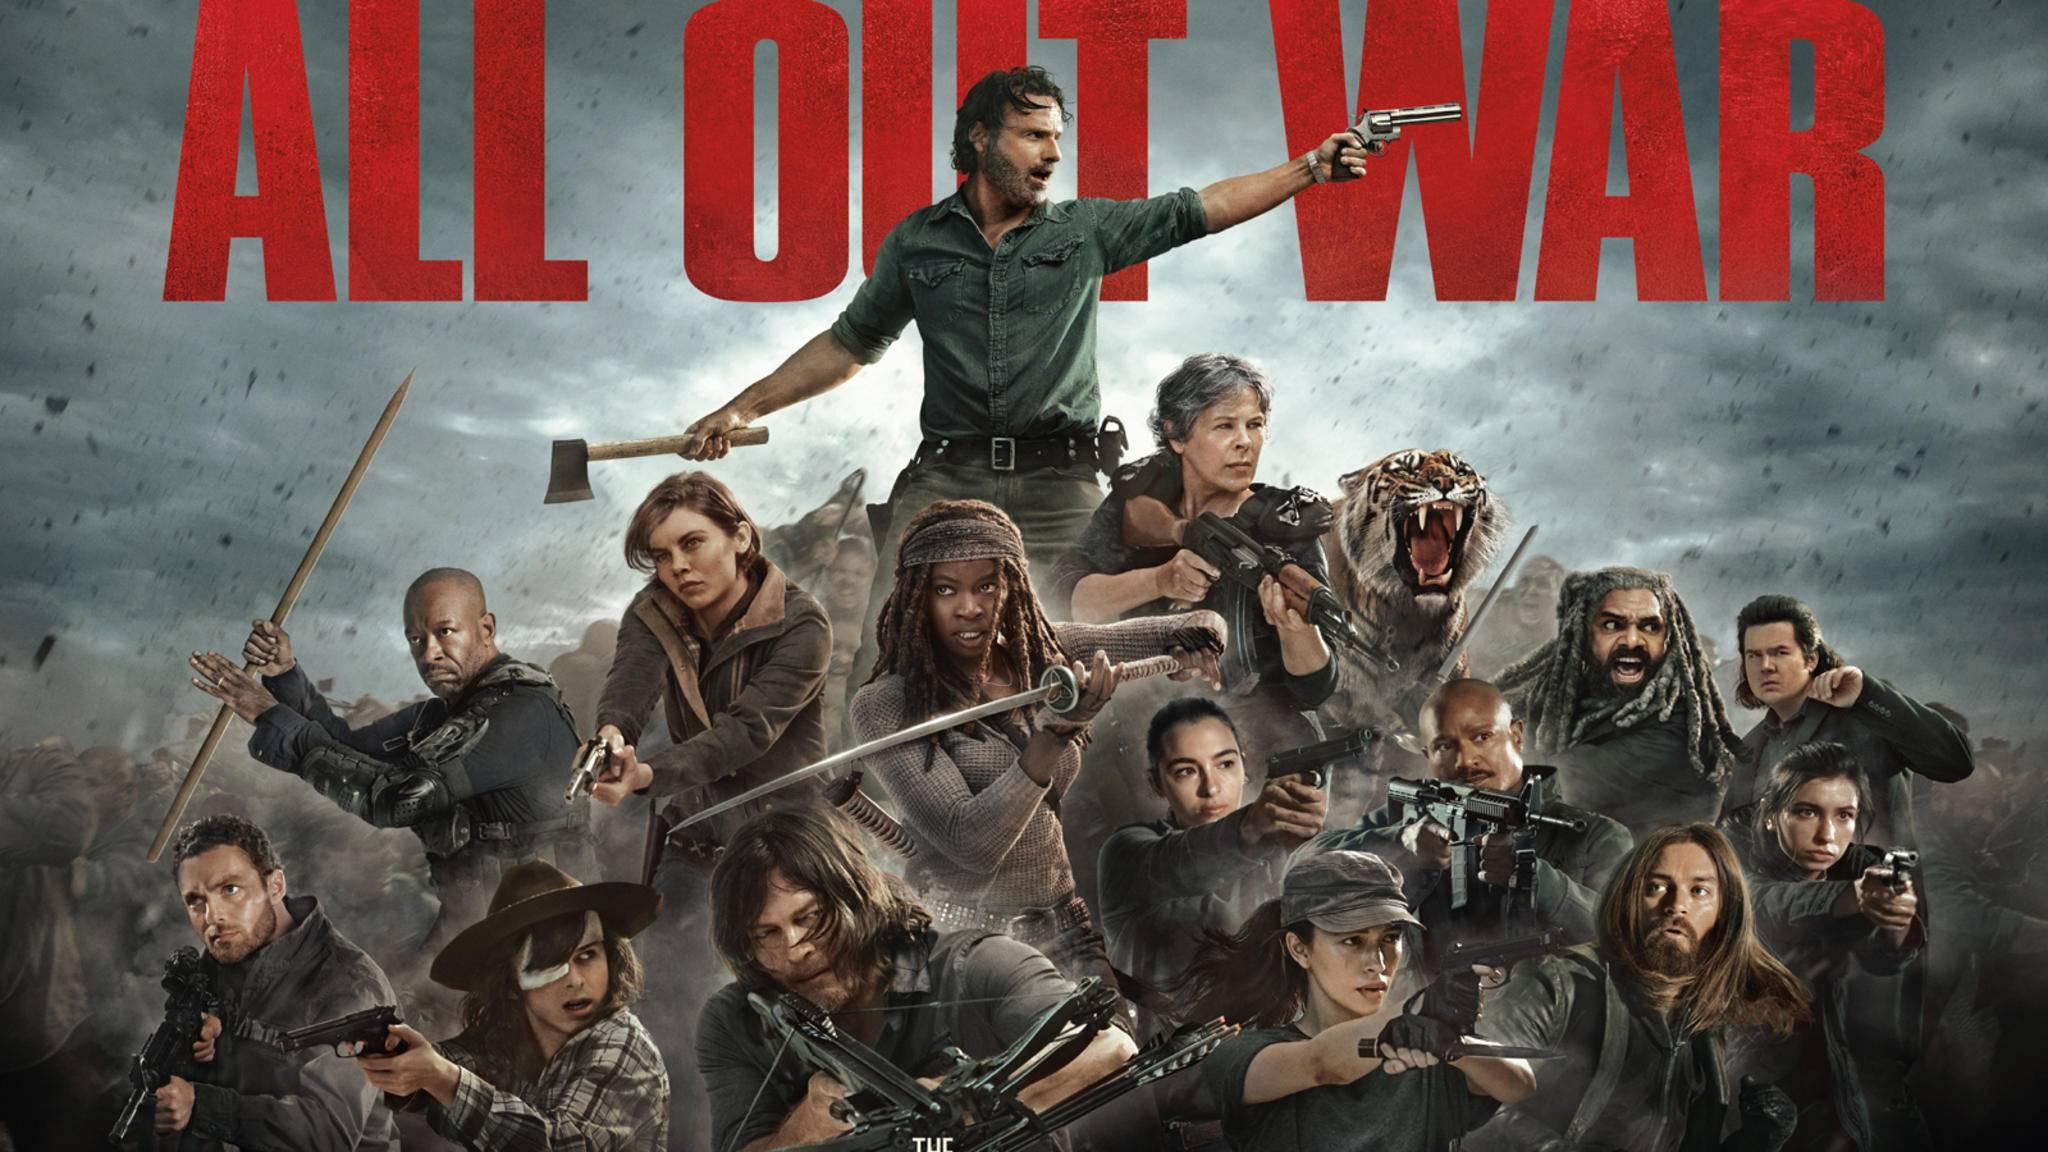 """Bereitet der """"All Out War"""" womöglich schon das Ende von """"The Walking Dead"""" vor?"""